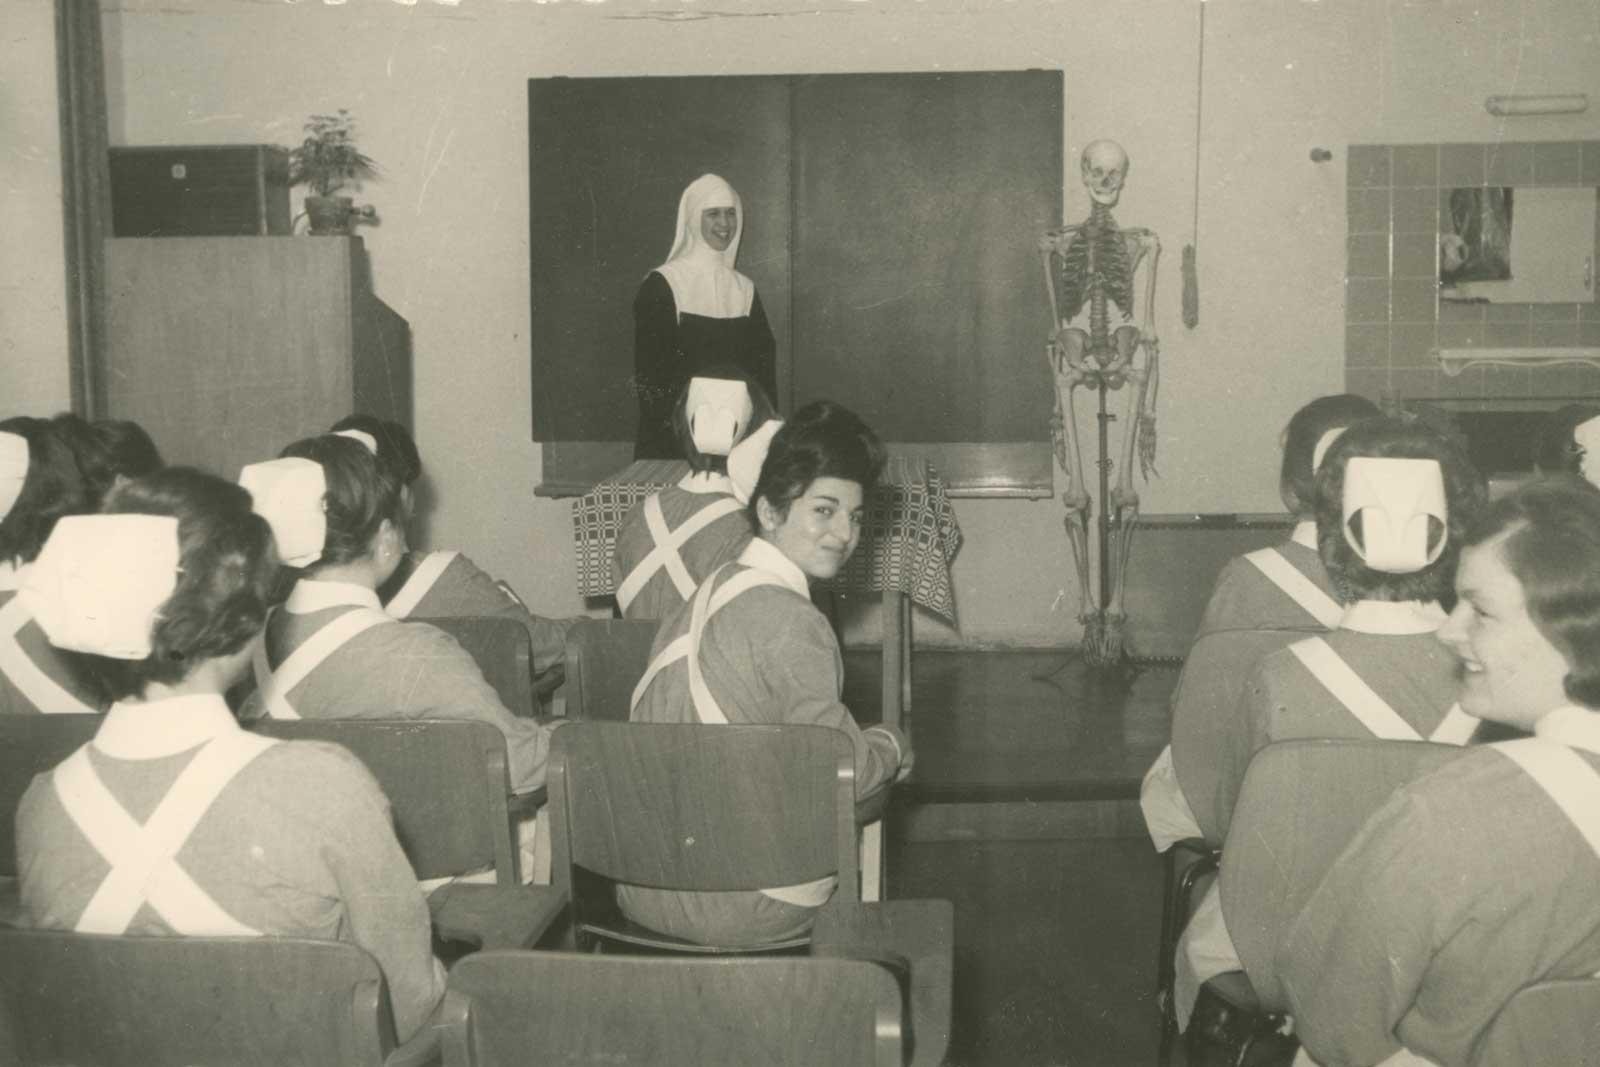 Unterricht in der Krankenpflegeschule Innsbruck im Jahr 1965